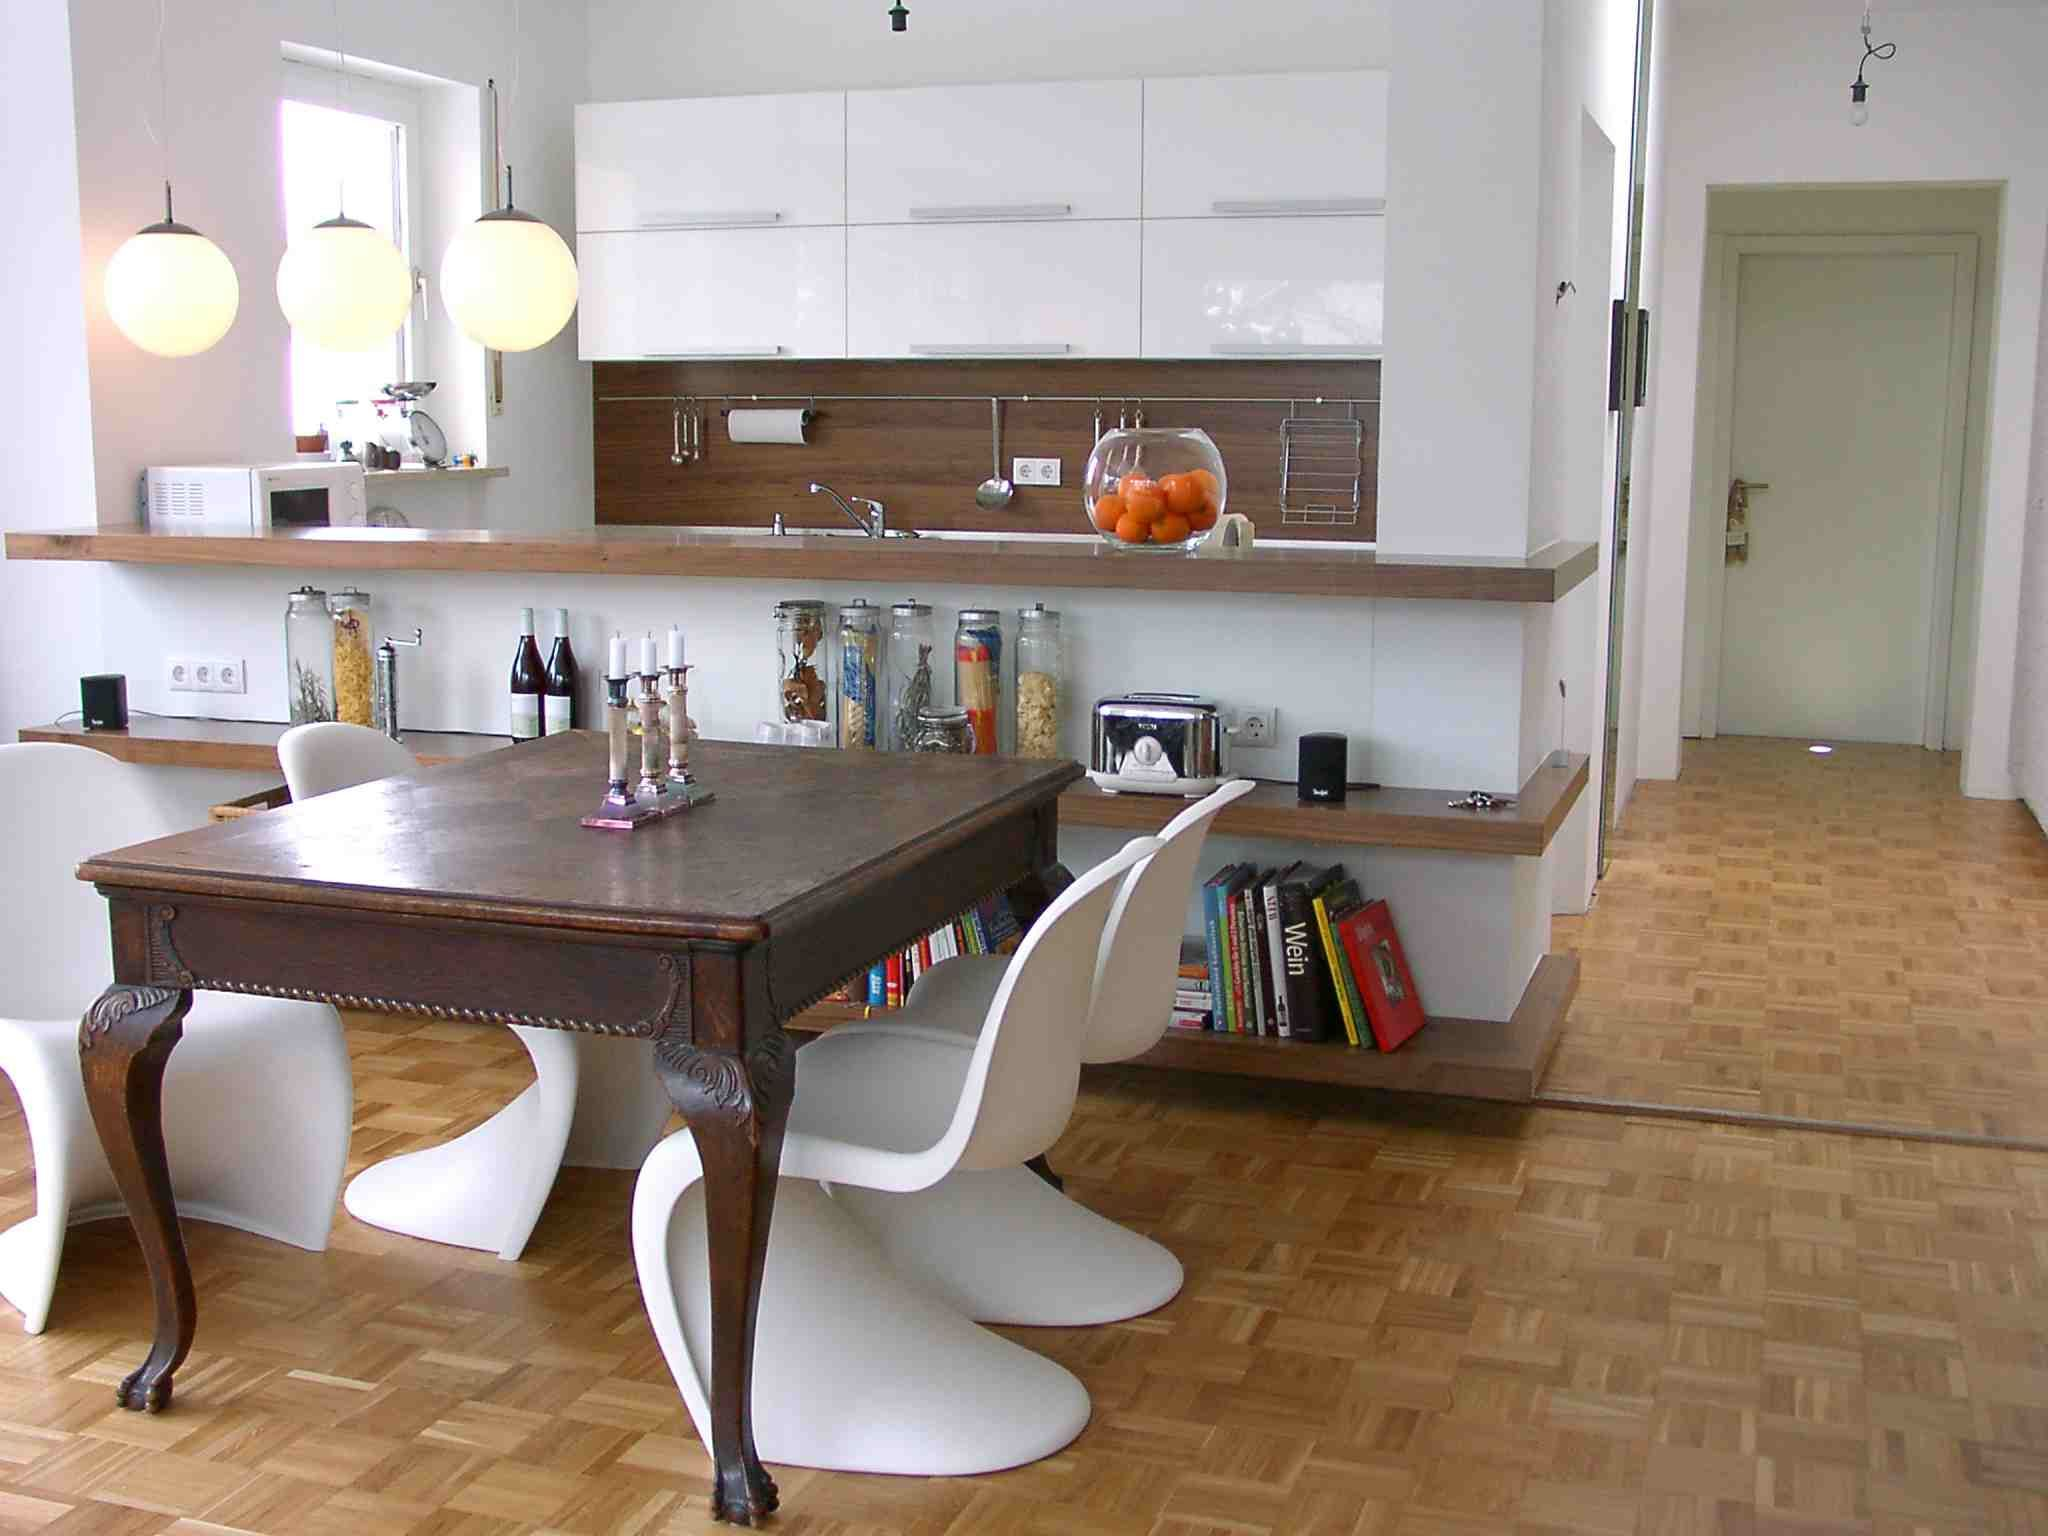 Full Size of Einbauküche Kaufen Arbeitsplatten Küche Blende Magnettafel Gebraucht Jalousieschrank Ohne Elektrogeräte Pendeltür Eiche Beistelltisch Günstig Billig Mit Wohnzimmer Rückwand Küche Ikea